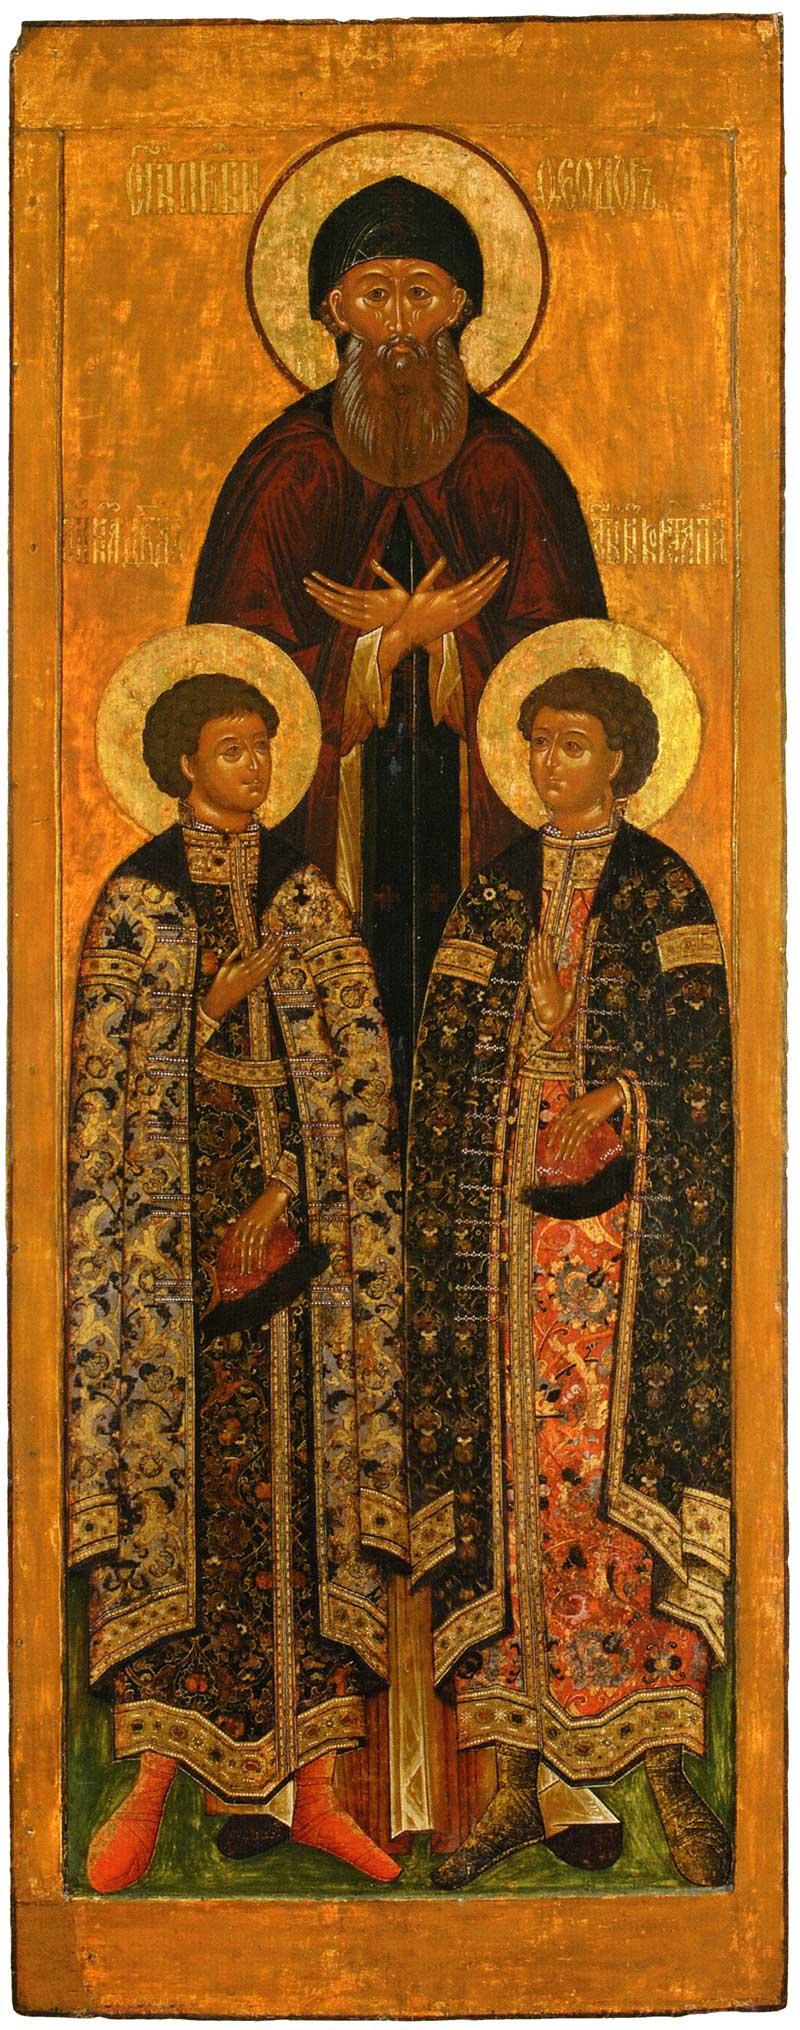 Святые князья Феодор, Давид и Константин Ярославские